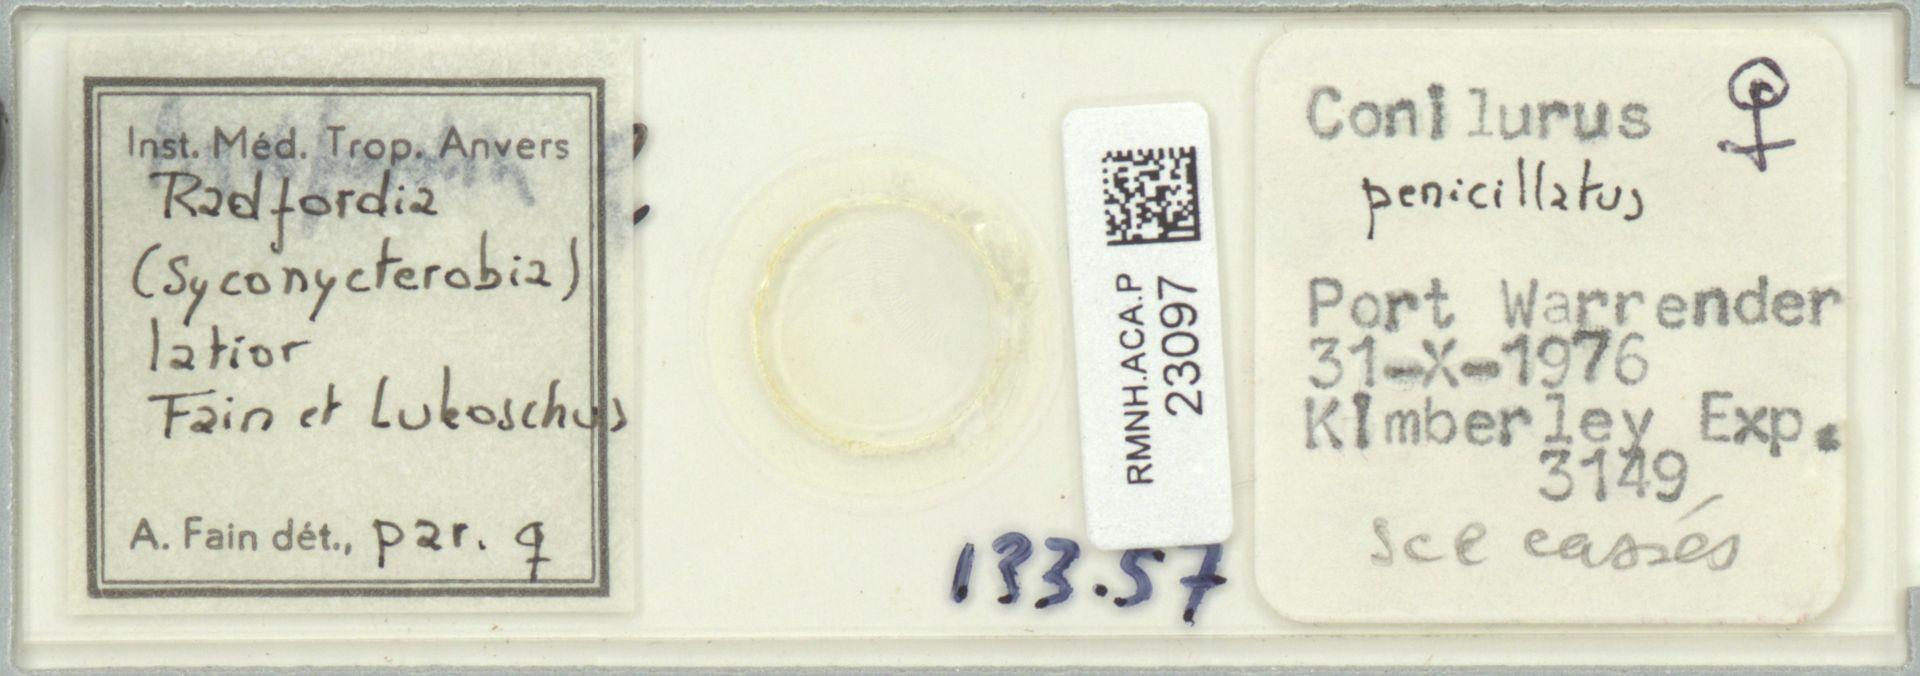 RMNH.ACA.P.23097 | Radfordia (Syconycterobia) latior Fain et Lukoschus